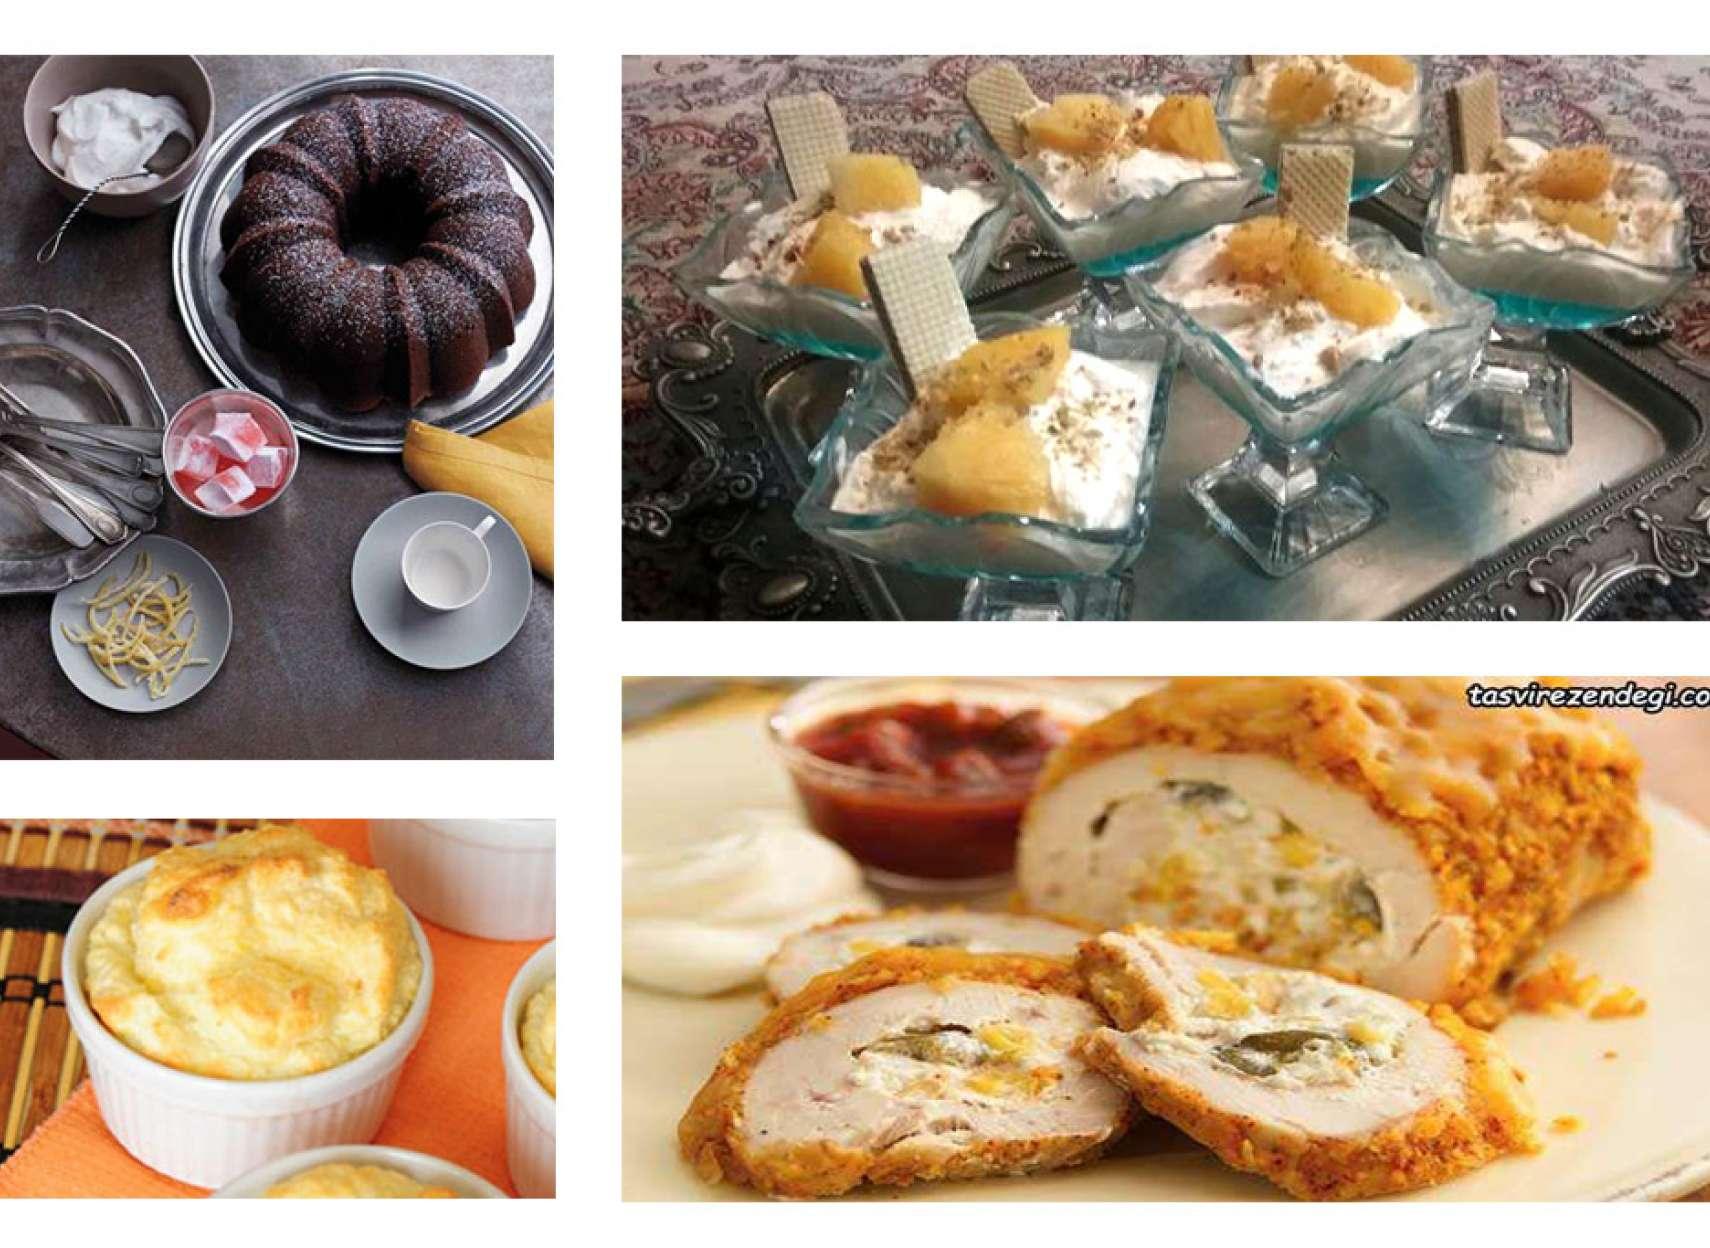 آشپزی-ترابی-رولت-مرغ-کیک-موکا-مغزدار-پارافیت-آناناس-سوفله-سیبزمینی